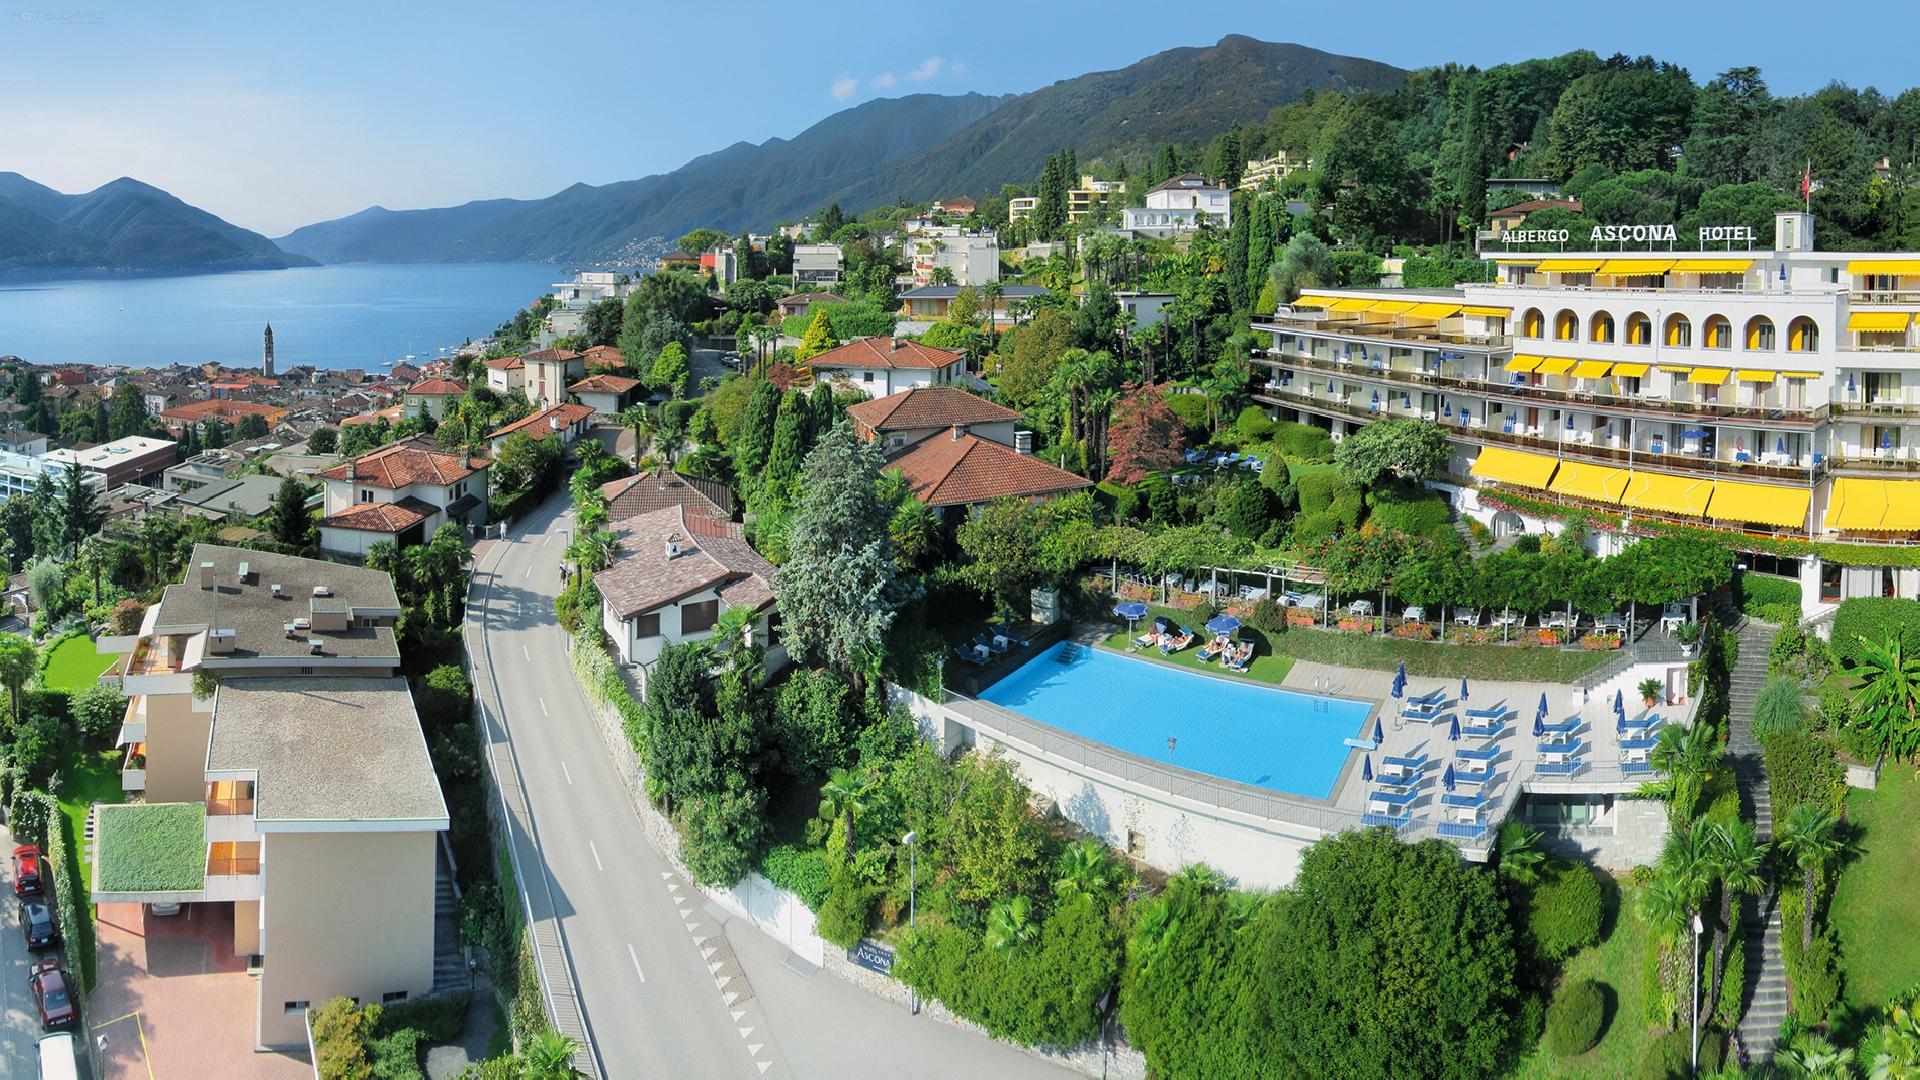 Hotel Ascona 1